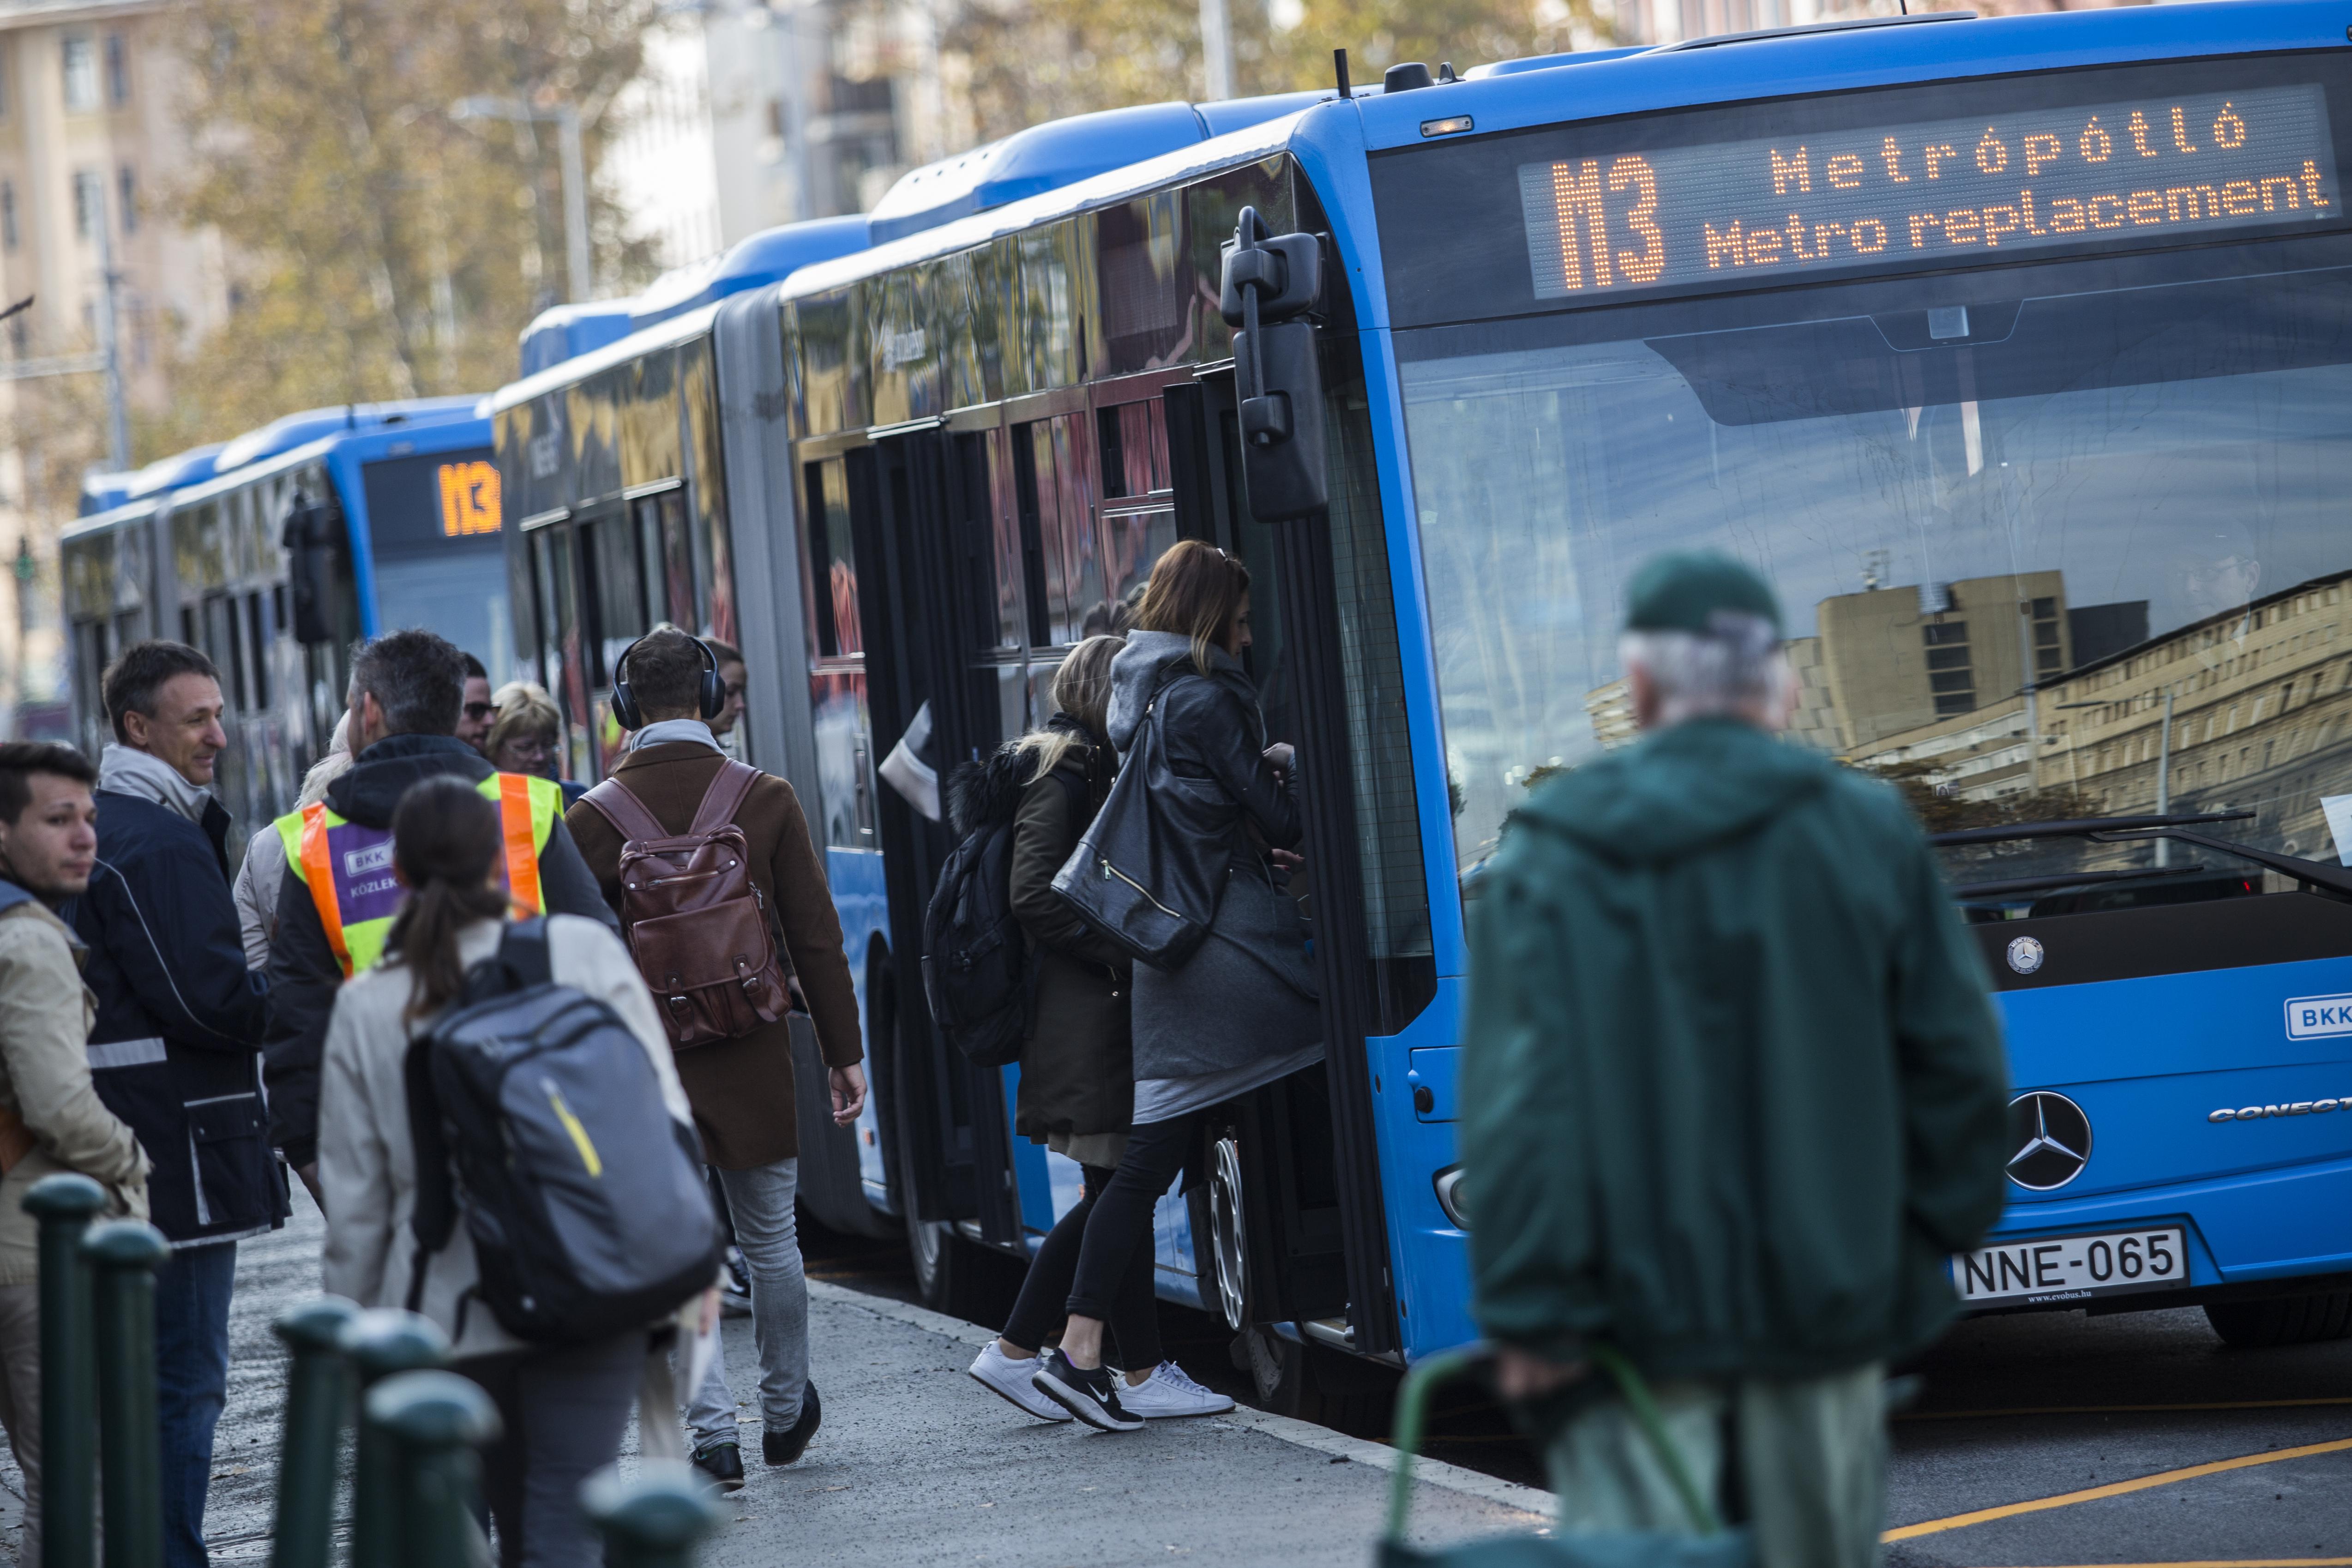 Jövő szombattól pótlóbusz jár a 3-as metró középső szakaszán